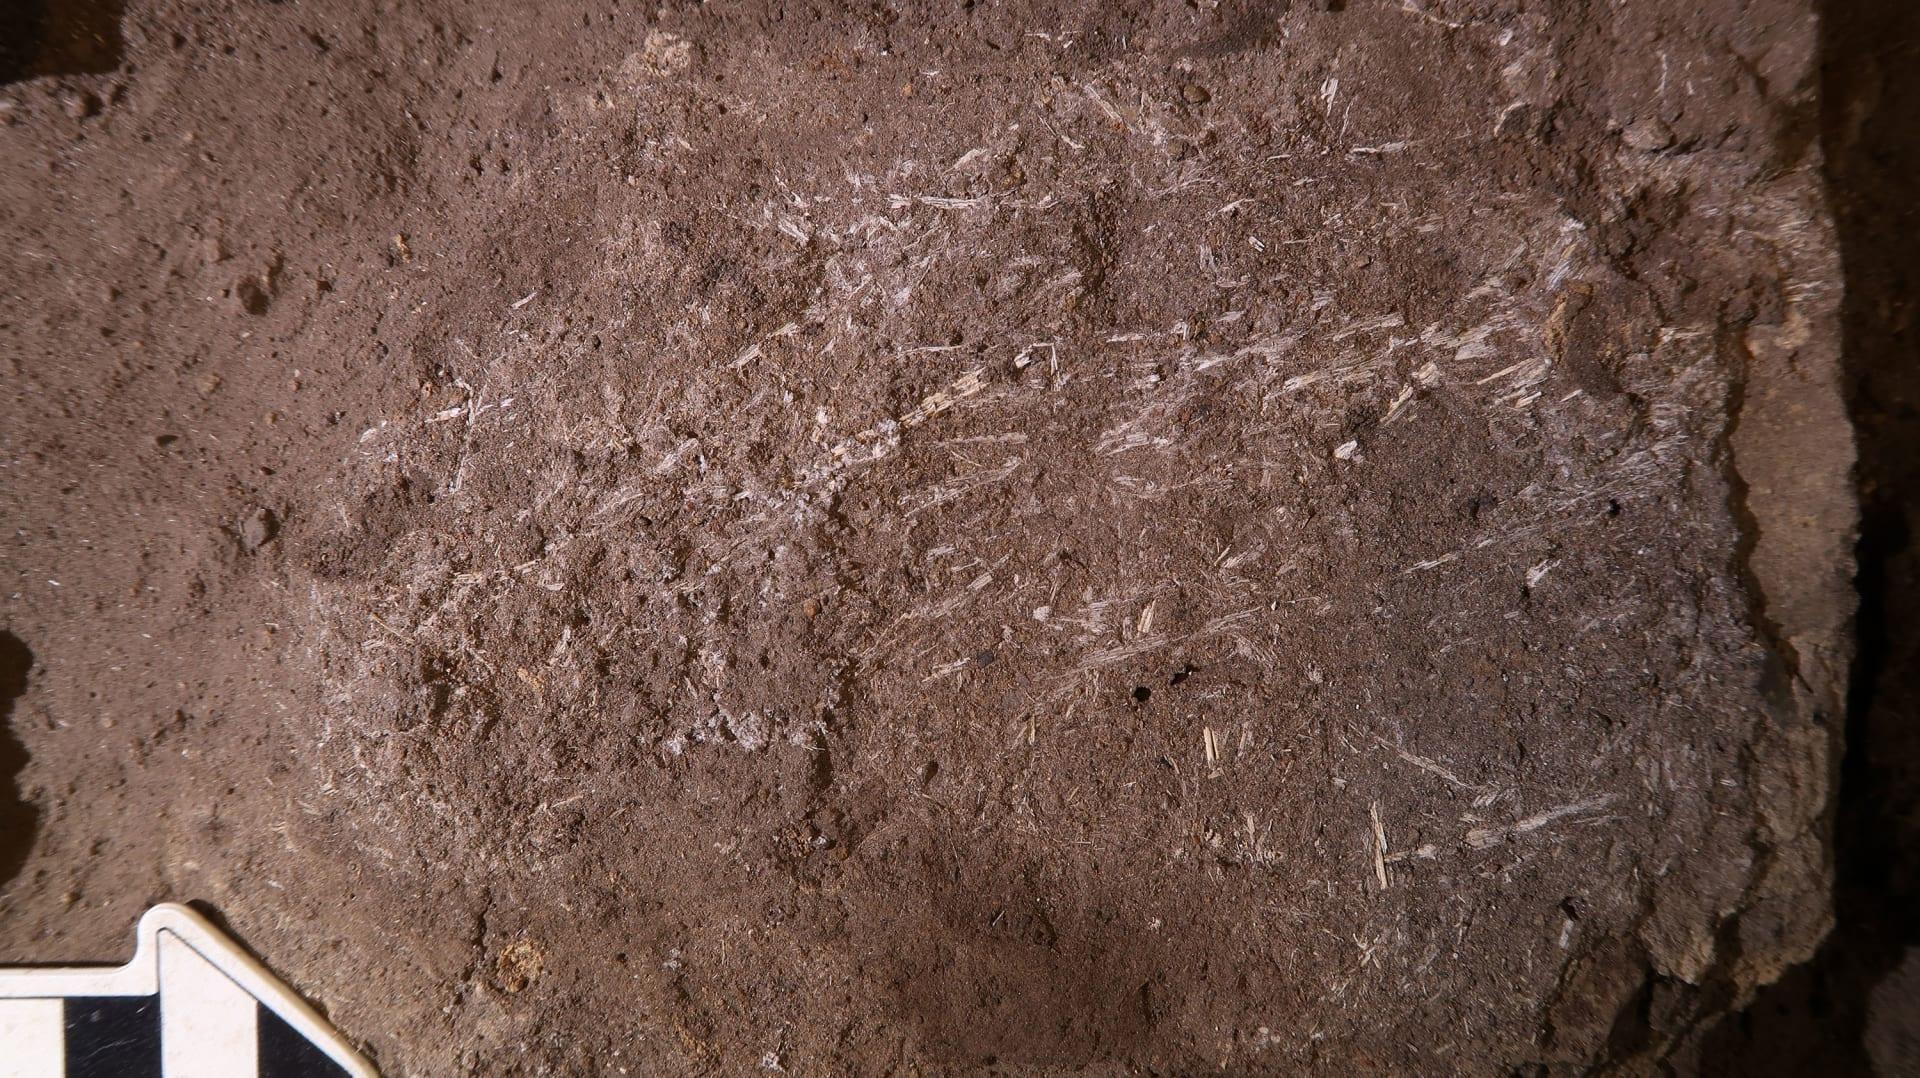 كهف يكشف أن البشر الأوائل كانوا يعلمون كيفية صنع أسرة مريحة وخالية من الحشرات